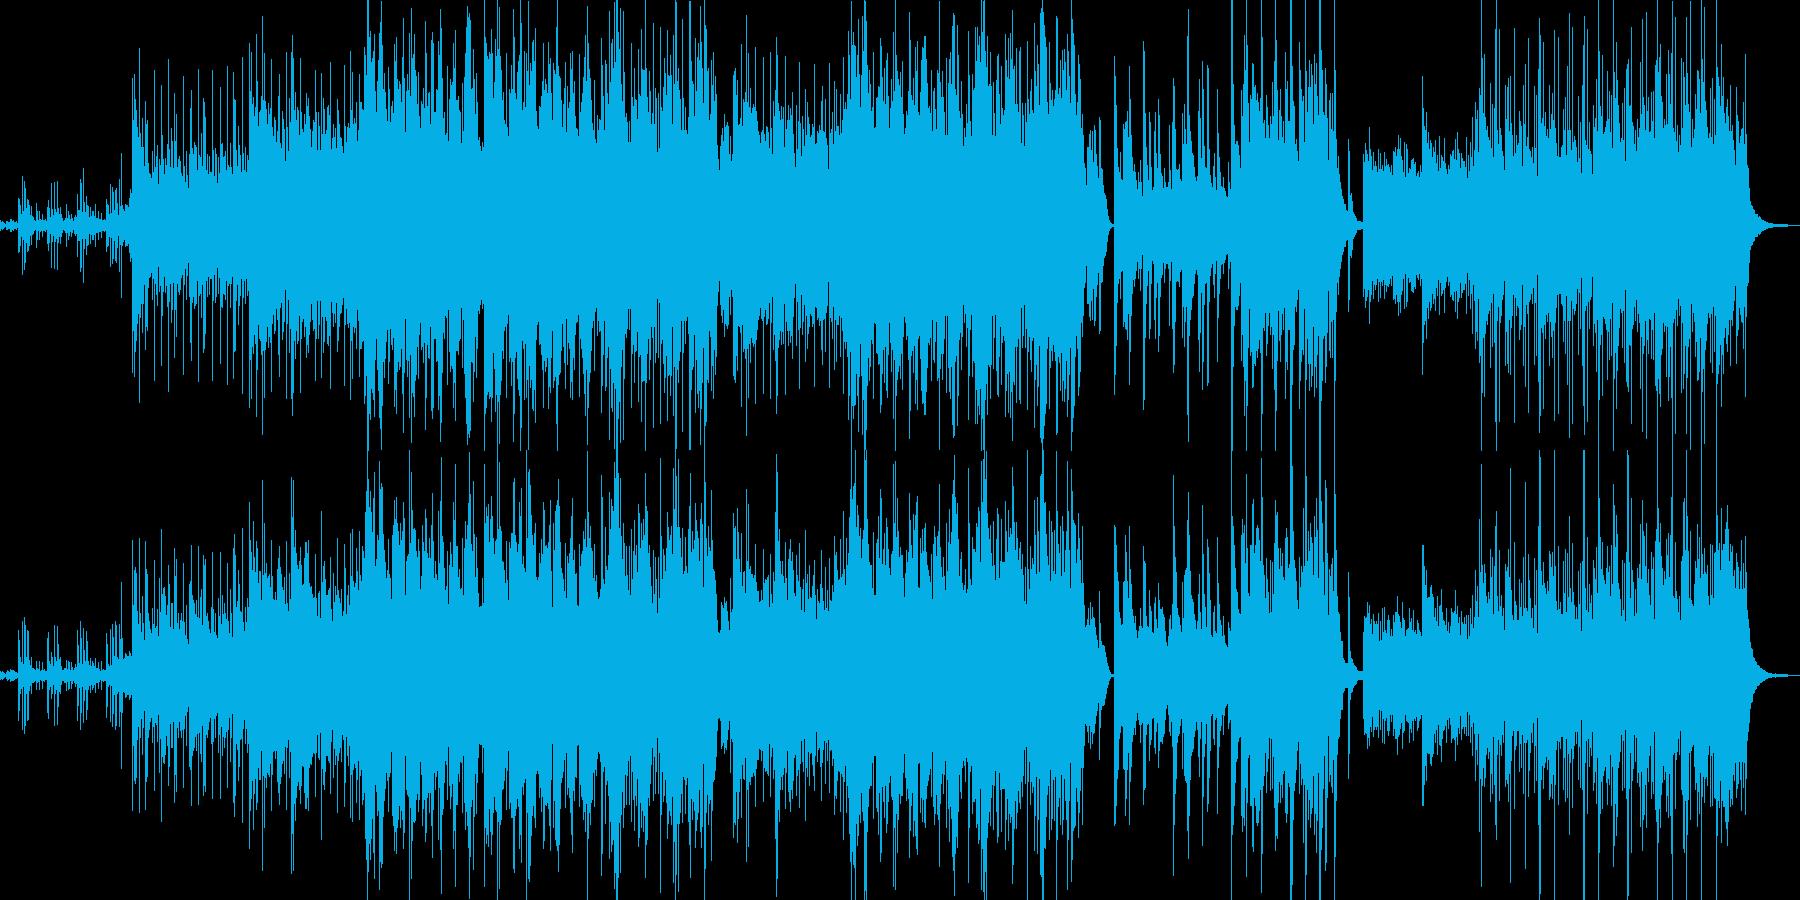 リラックスできるアコースティックメロディの再生済みの波形